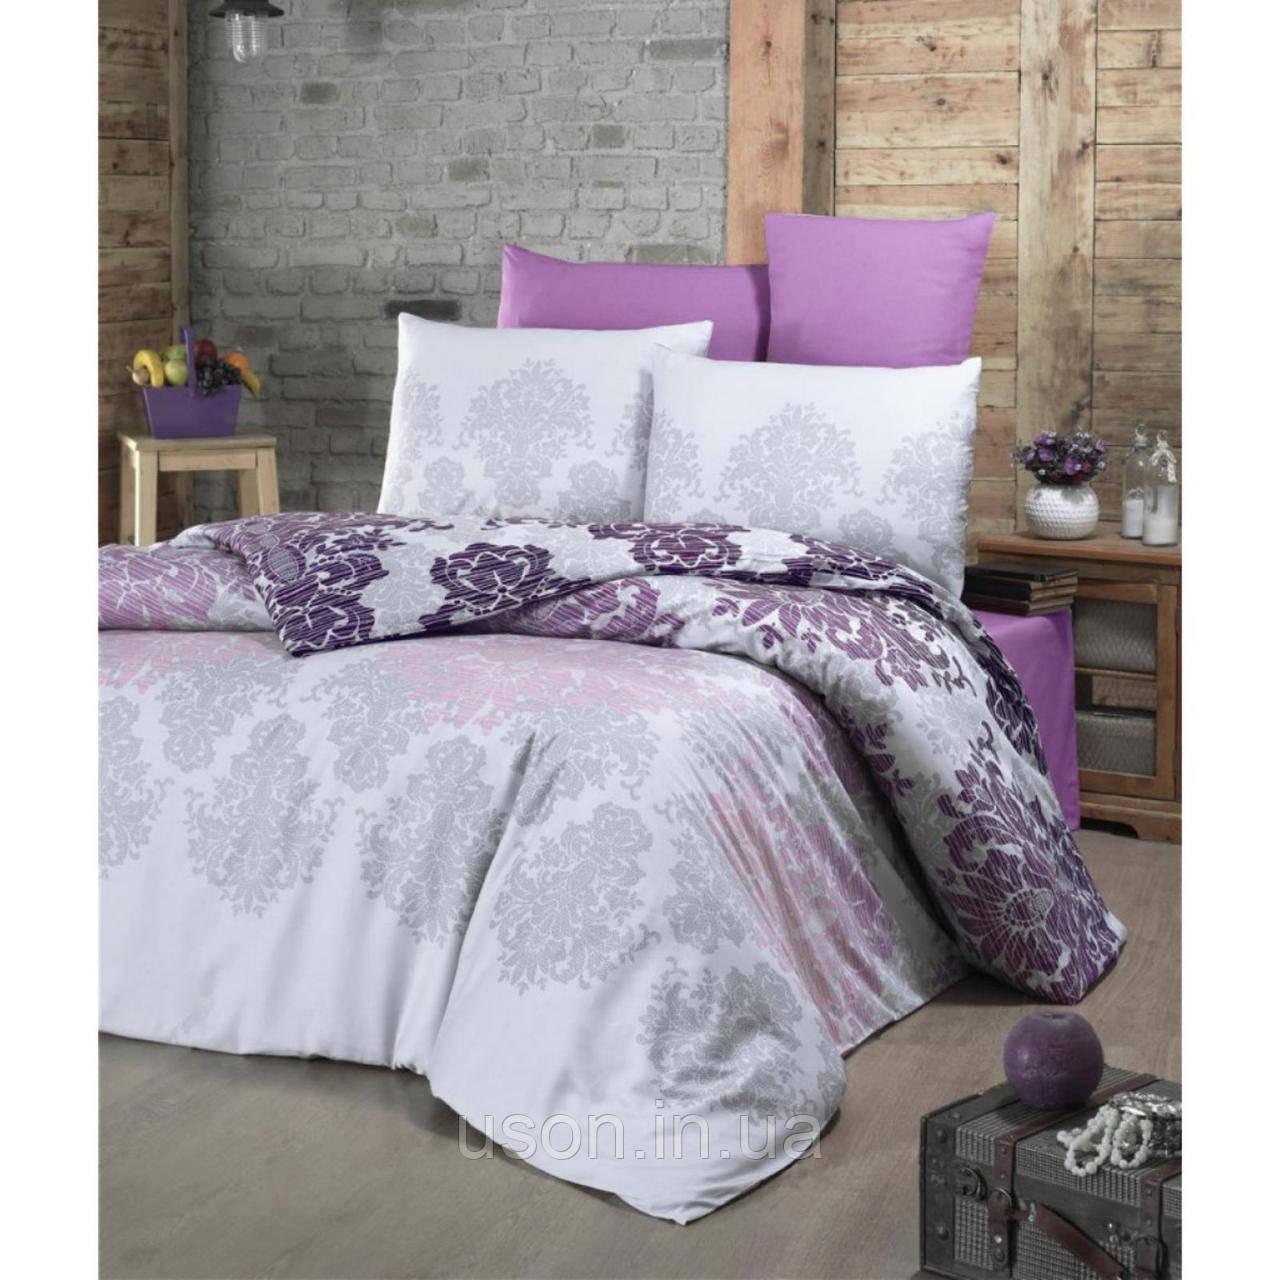 Комплект постельного белья из сатина deluxe евро размер TM Victoria Maderia